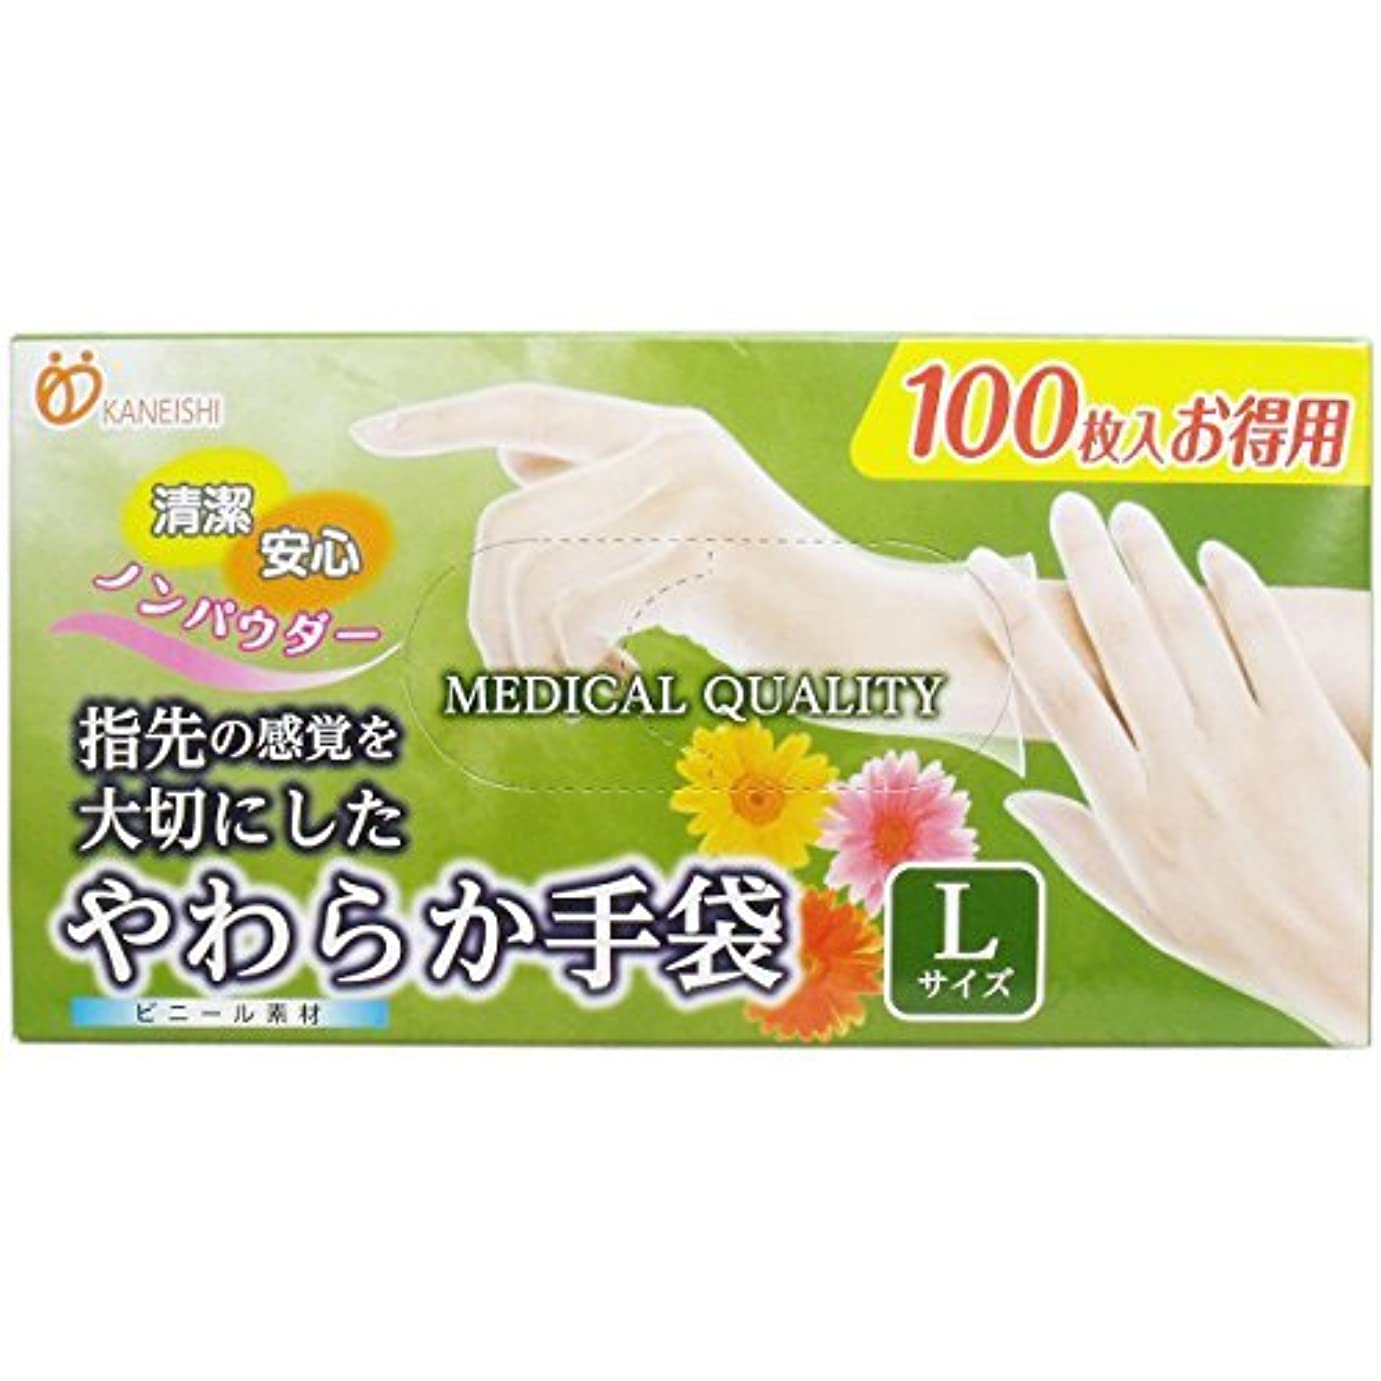 不振思いやり多用途やわらか手袋 ビニール素材 Lサイズ 100枚入x7